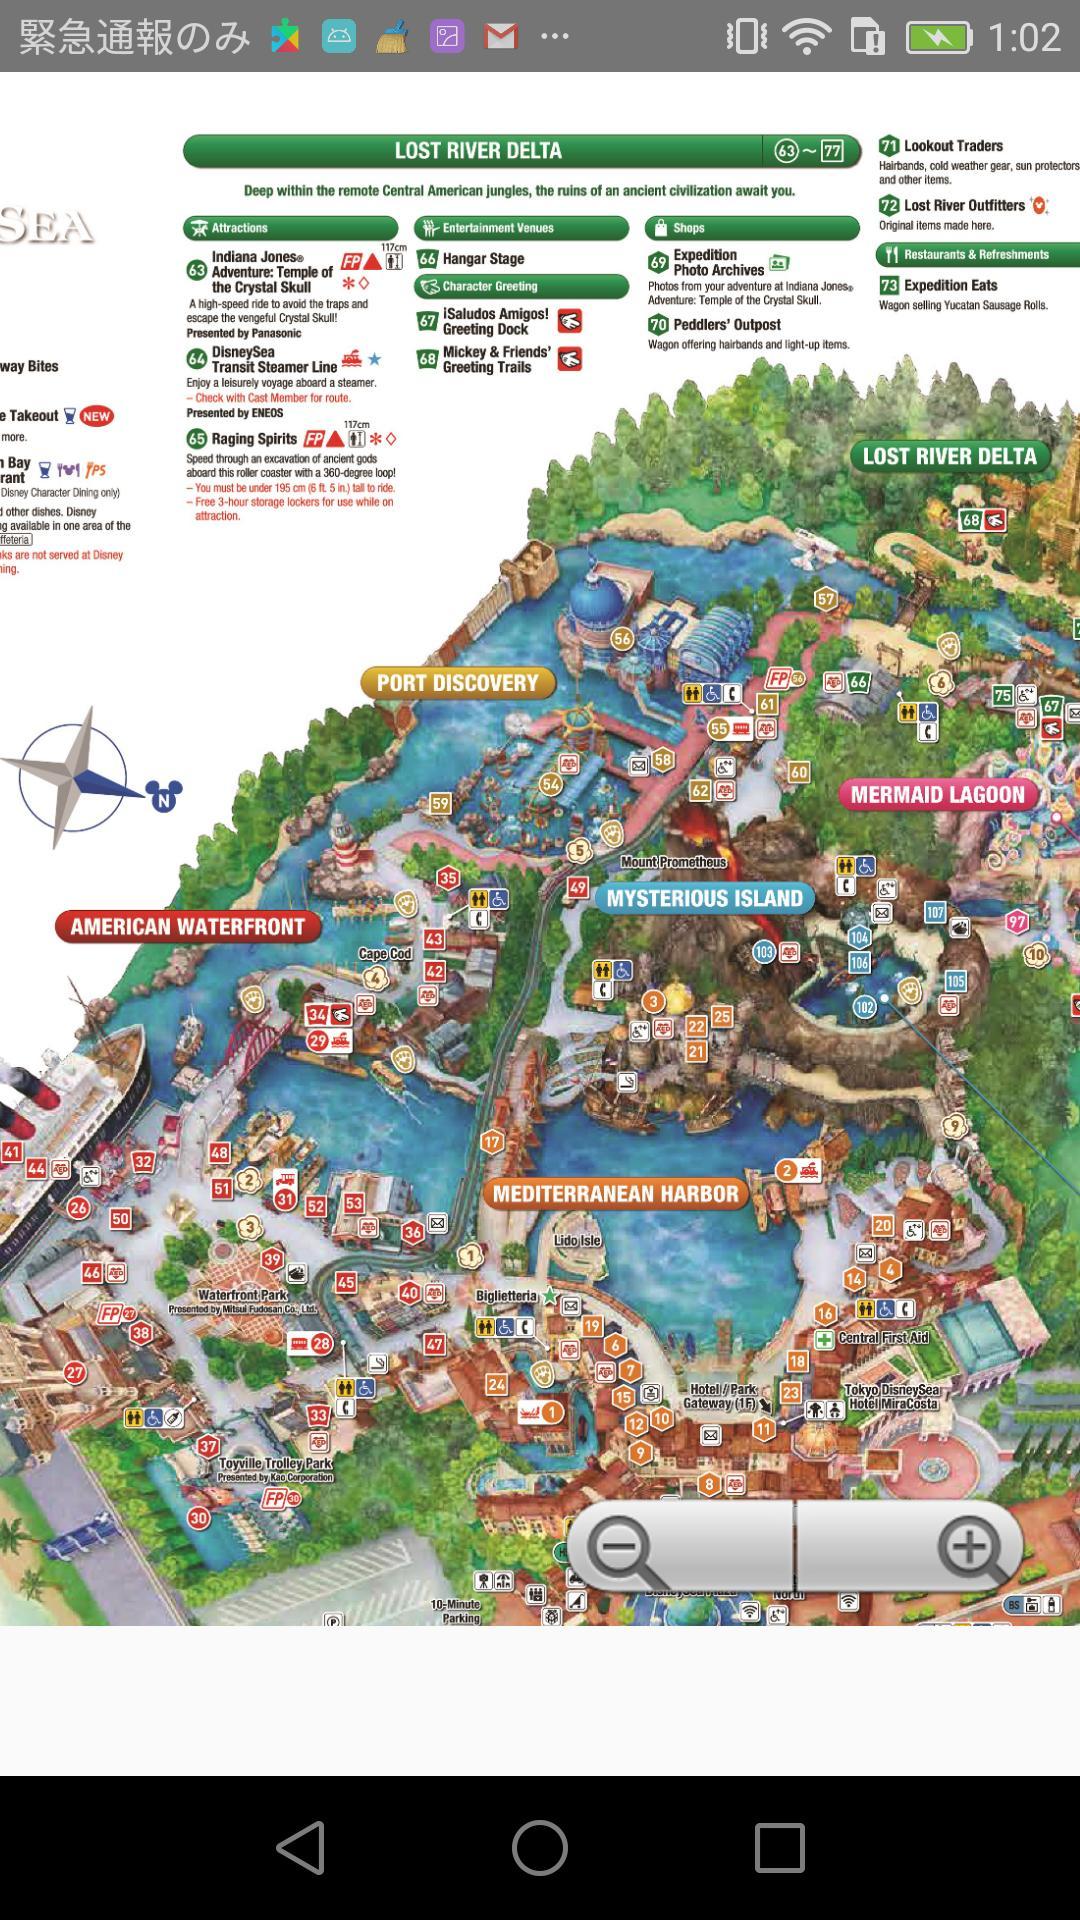 Tokyo Disneyland Disneysea Map Offlineー東京ディズニーマップ For Android Apk Download